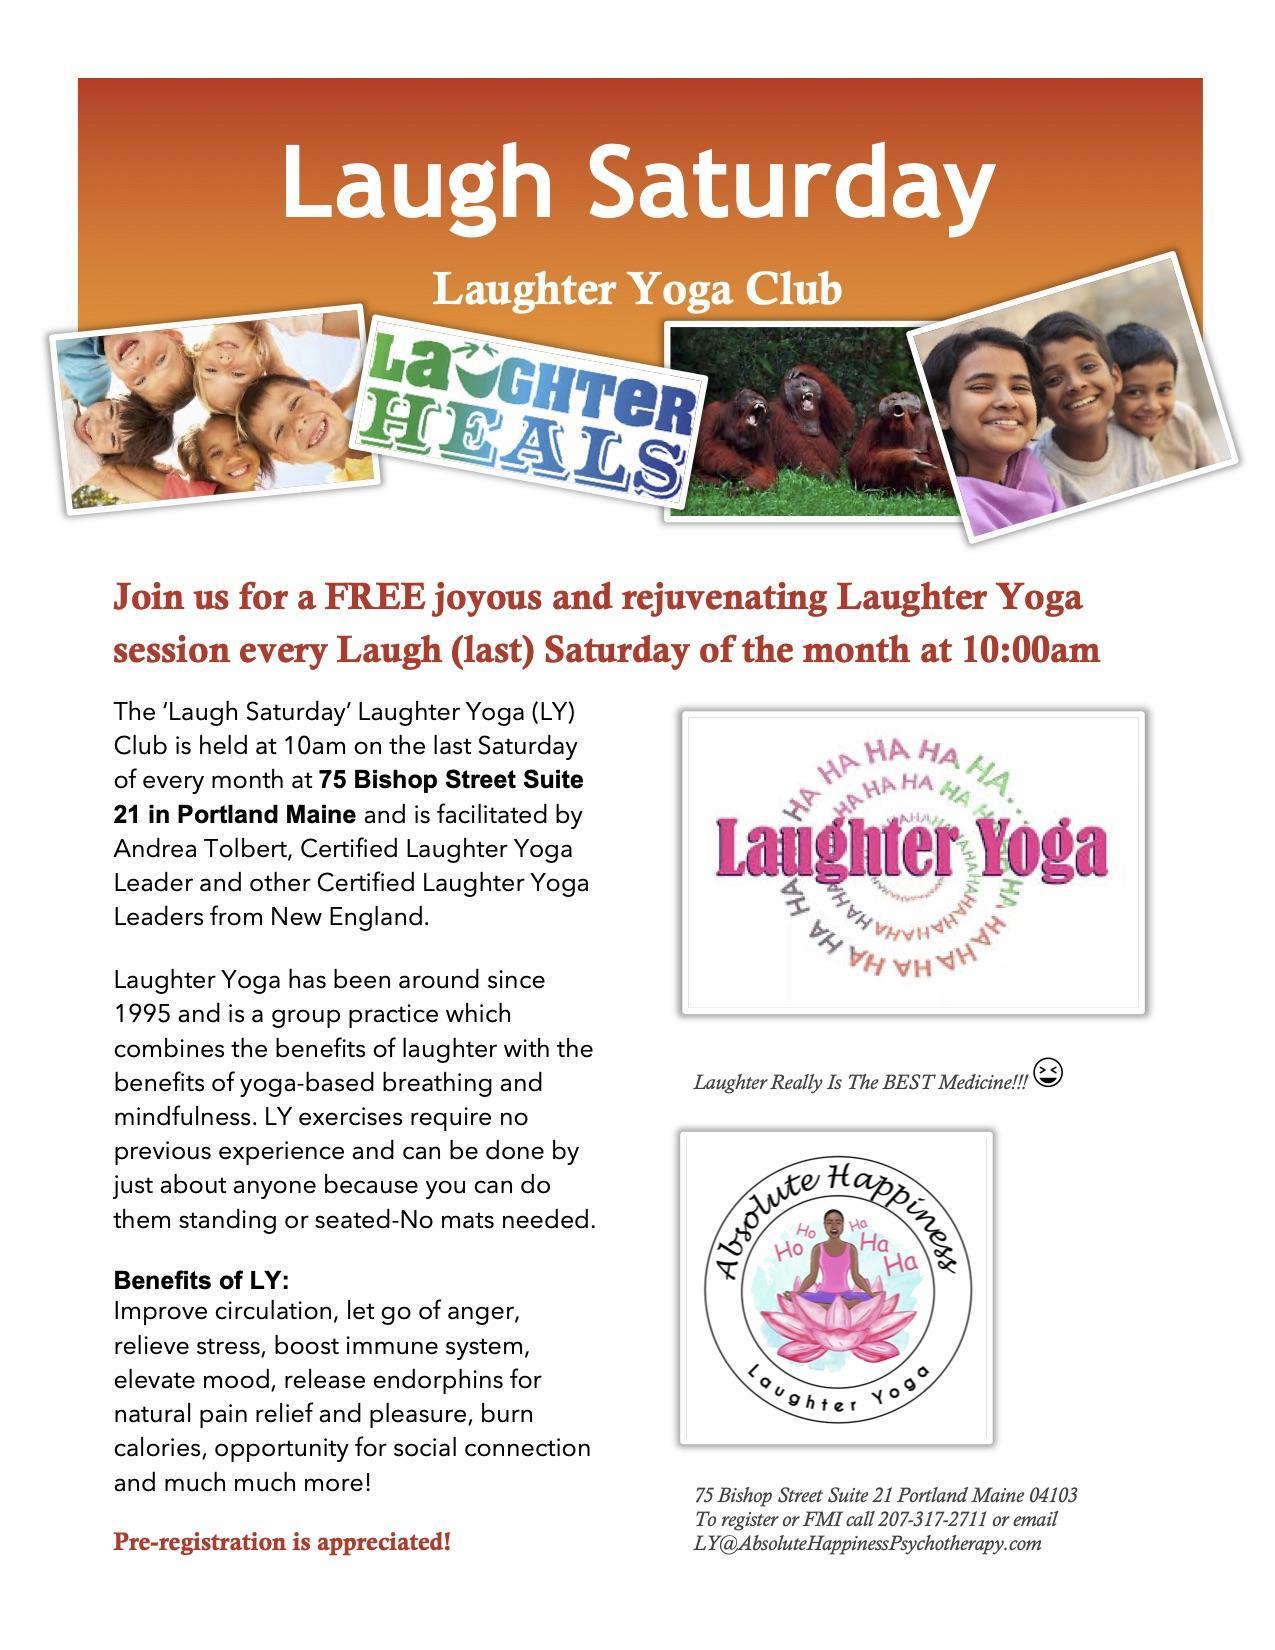 Laugh Saturday (Last Saturday) Laughter Yoga Club